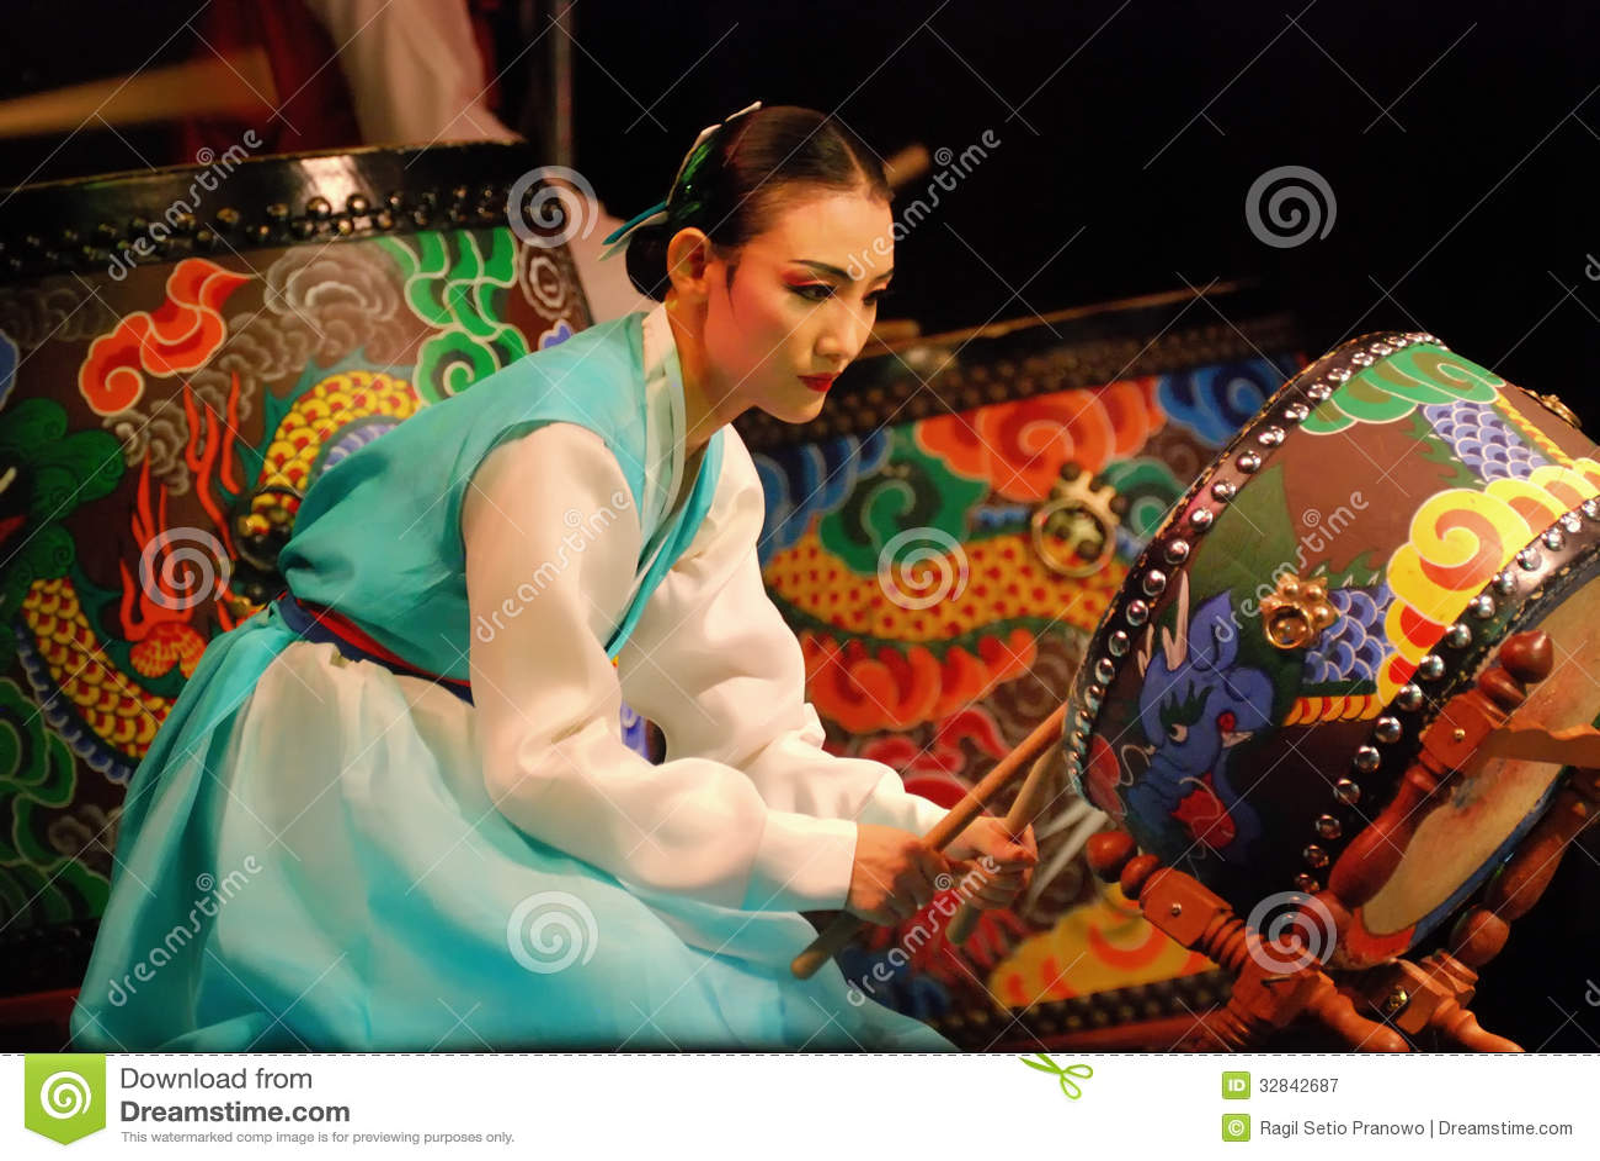 Koreanische weibliche Schauspielerin, die traditionelle Trommel spielt